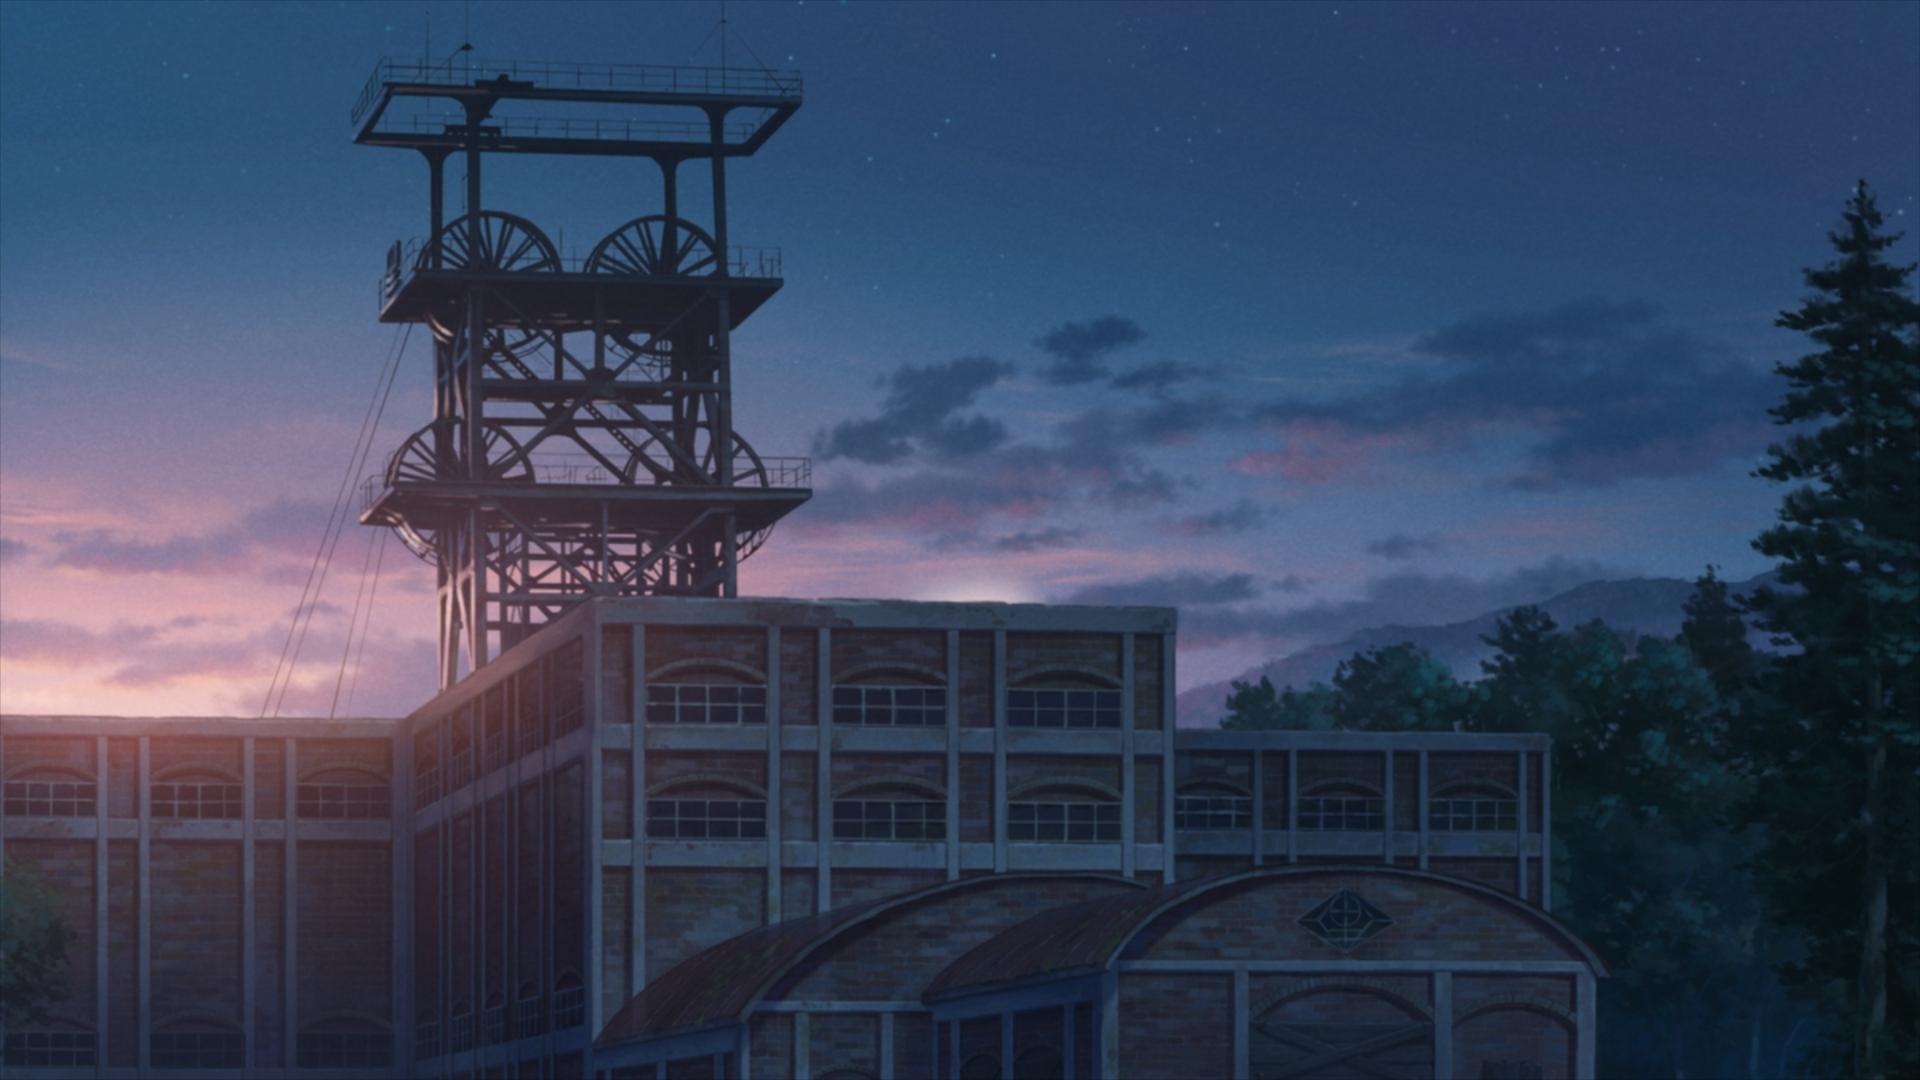 7 jours, réalisé par Yuuta Murano